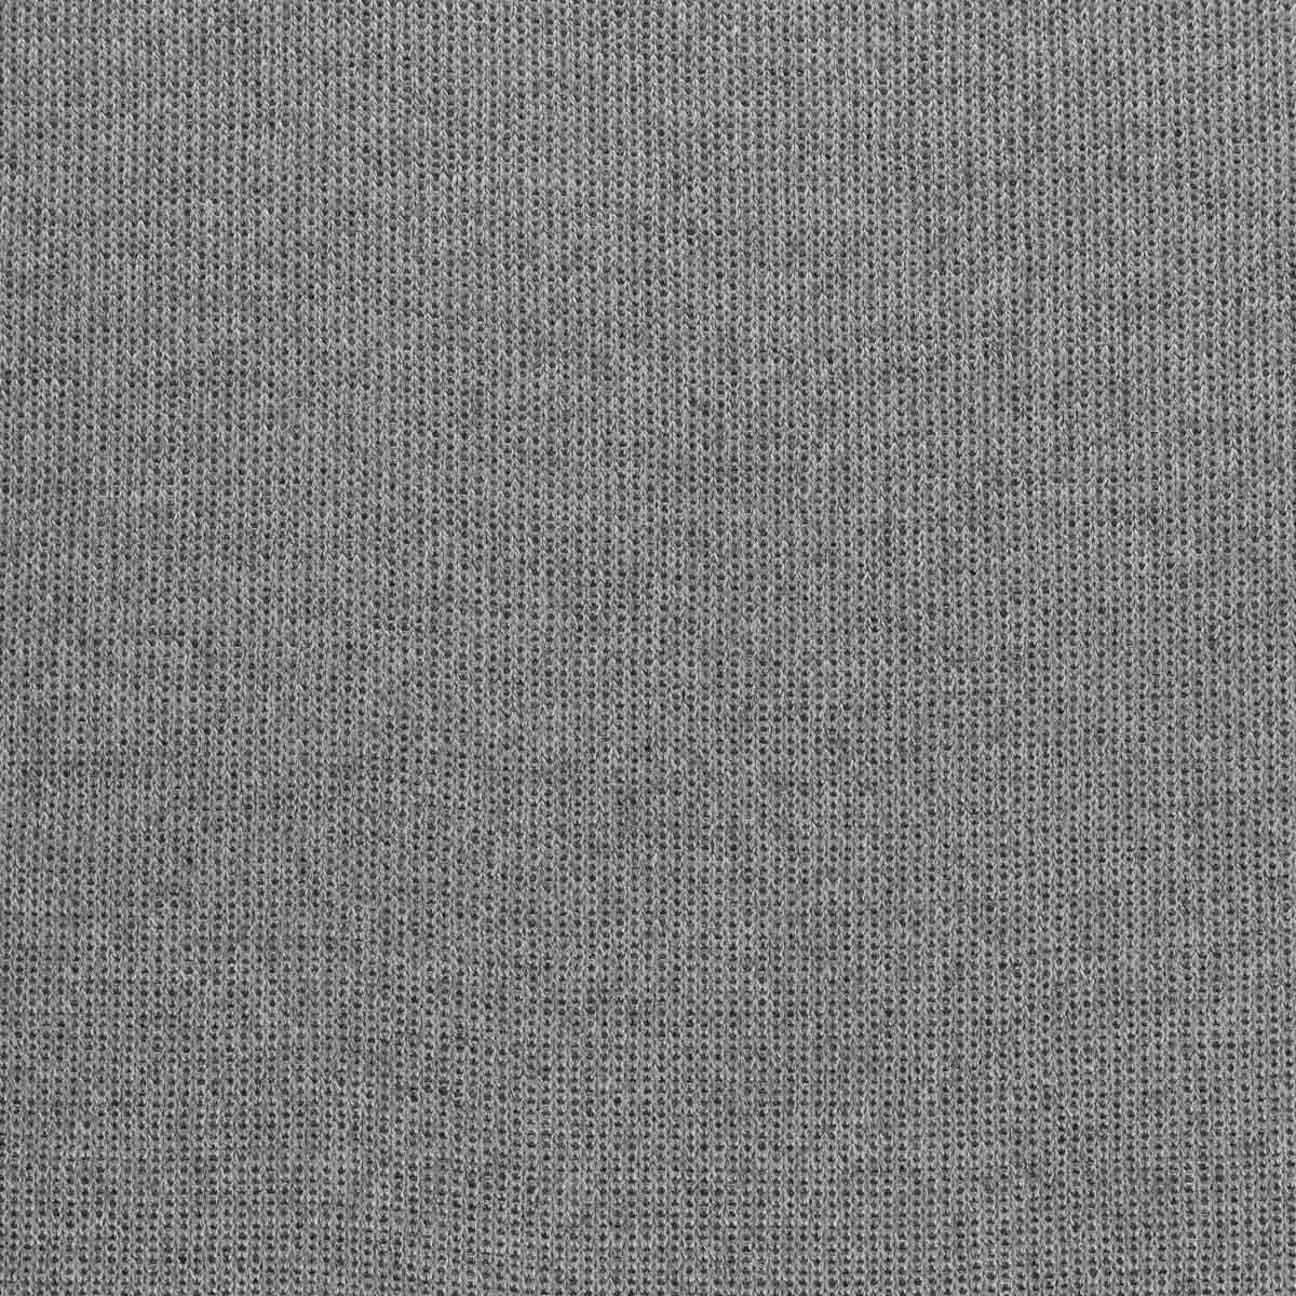 ... Fine Merino Sciarpa a Maglia by Lierys - grigio 3 ... b25b1e9798df